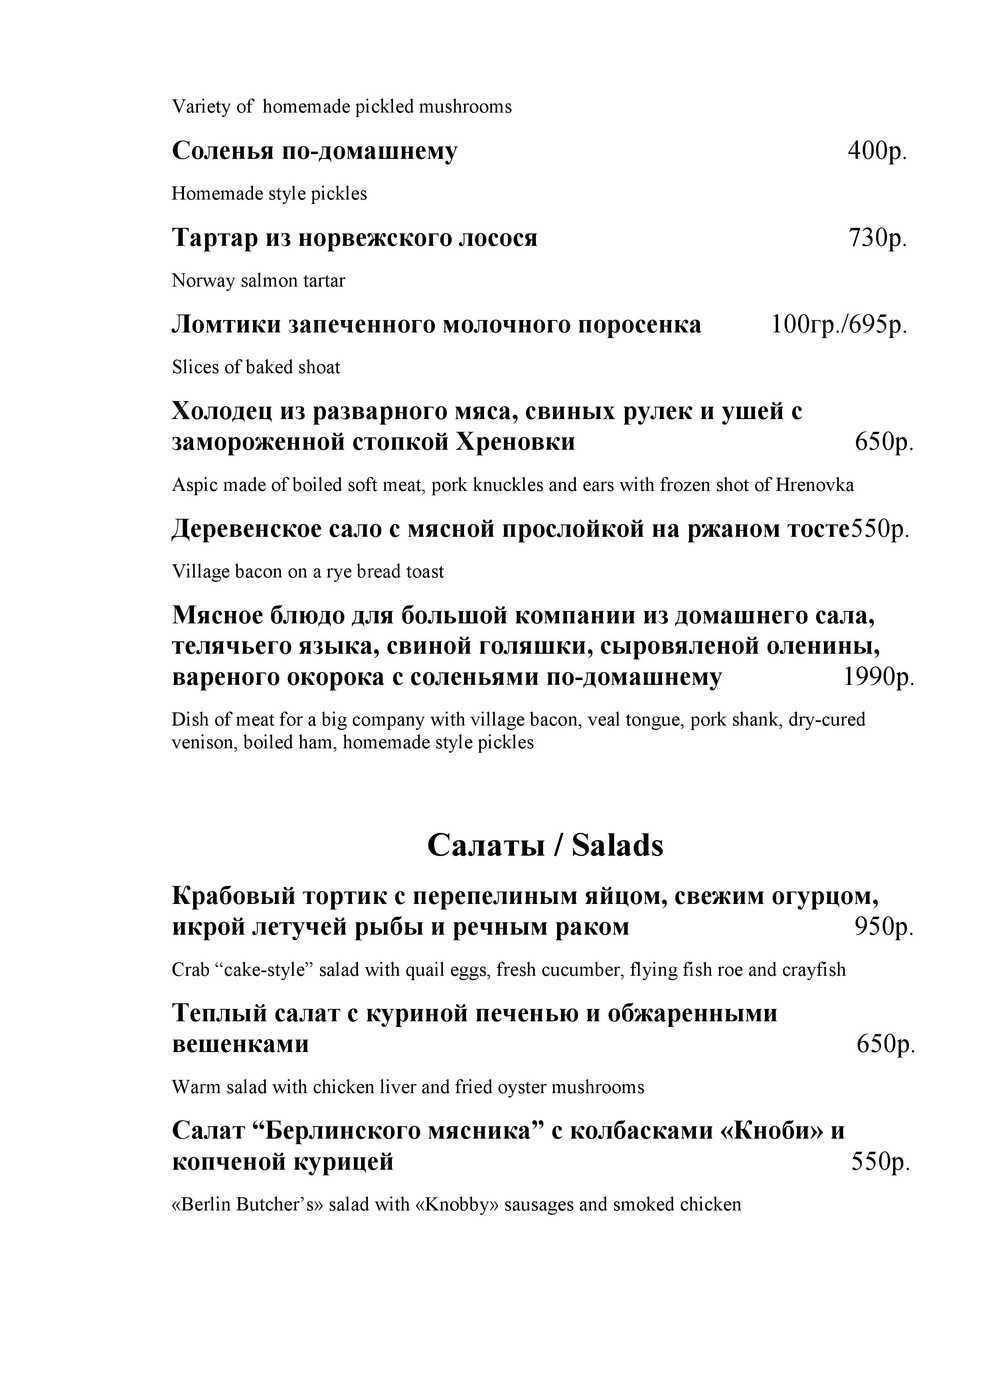 Меню ресторана Будвар на Котельнической набережной фото 4